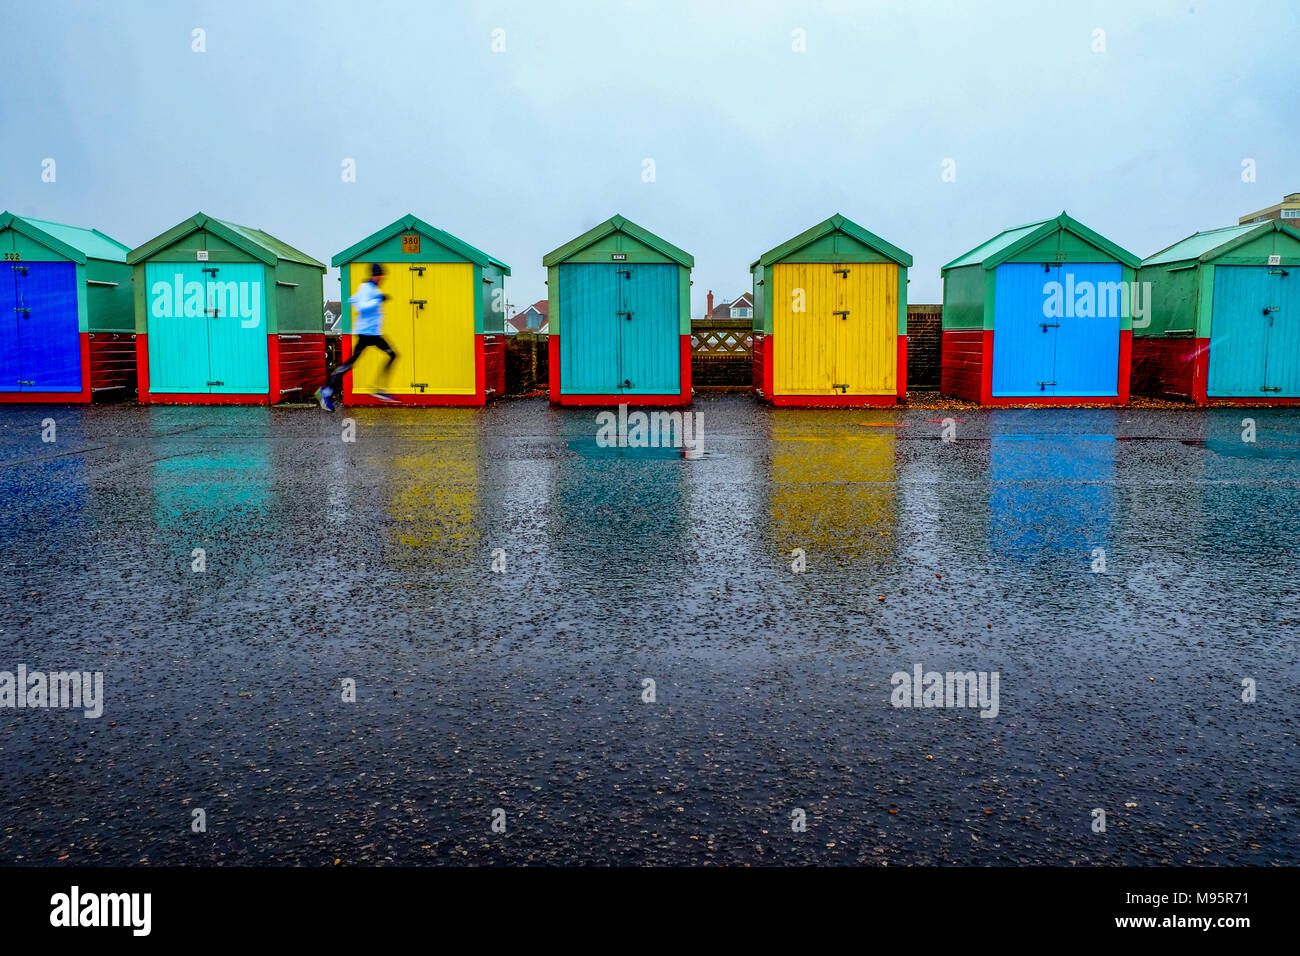 Brighton Seafront sieben Badekabinen, fünf mit blauen und grünen Türen und zwei mit gelben Türen die Strandhütten in einer Linie auf einer konkreten Promenade sind die Stockfoto